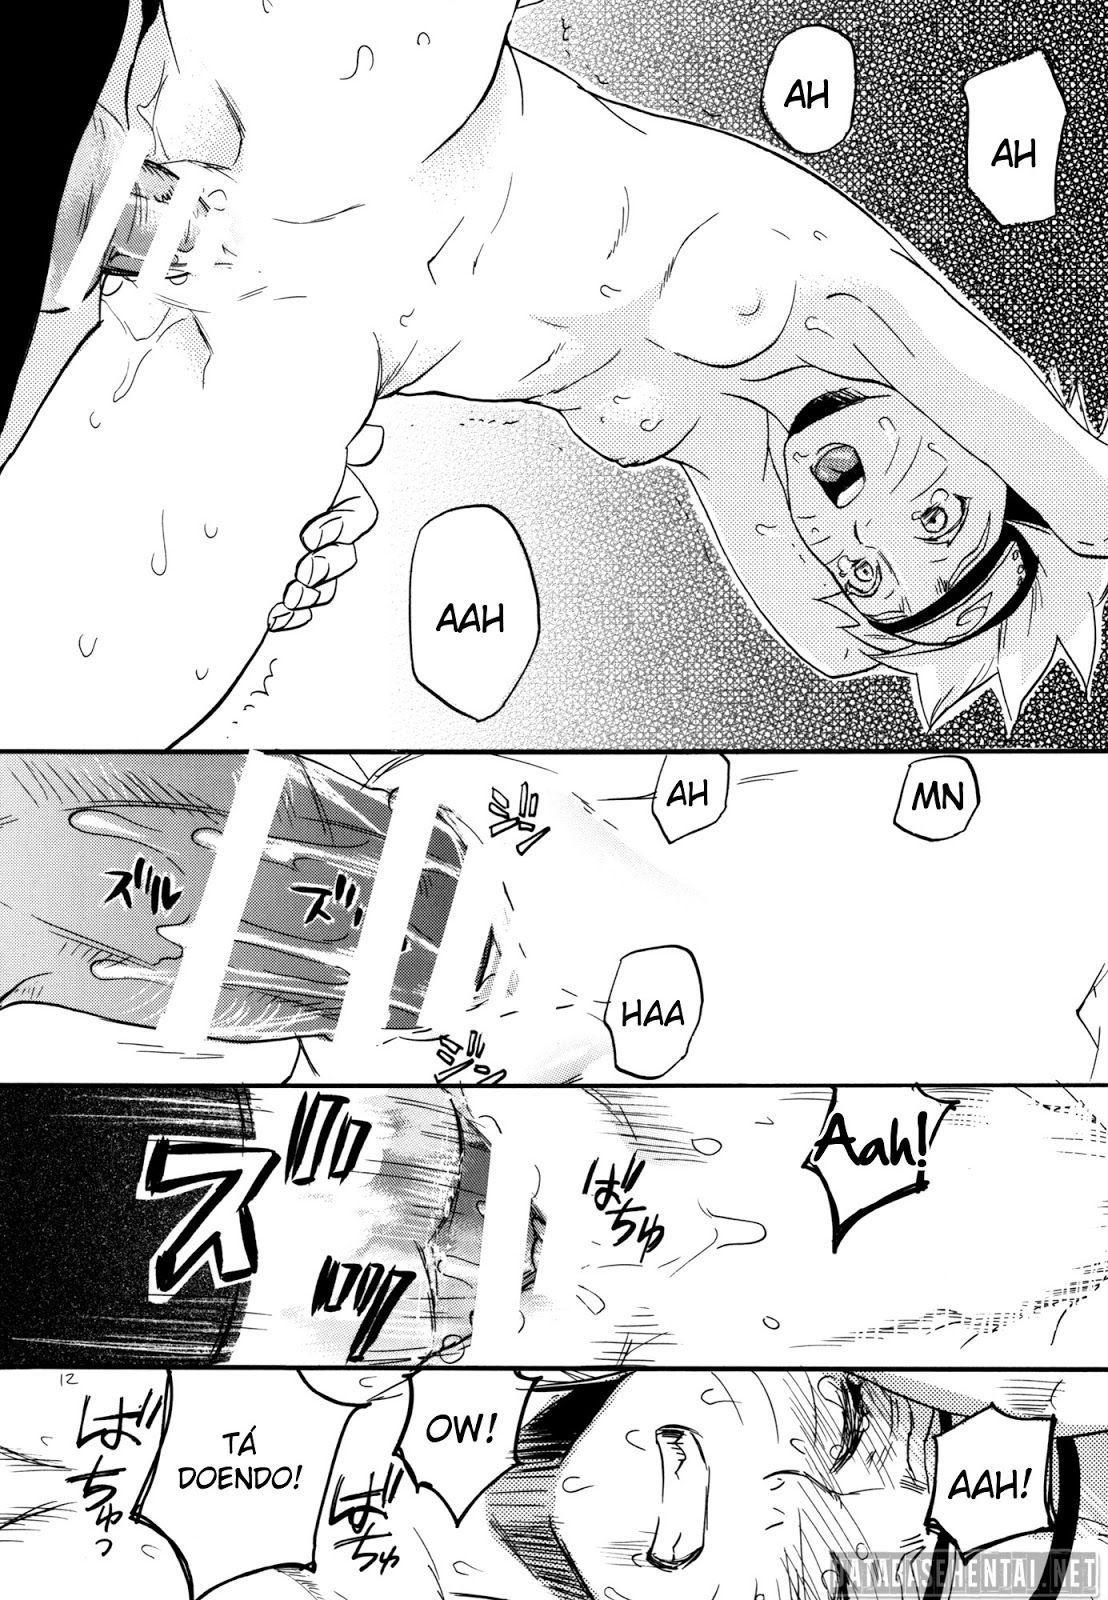 Sasuke e naruto mostrando que são bons amantes quando estão juntinhos